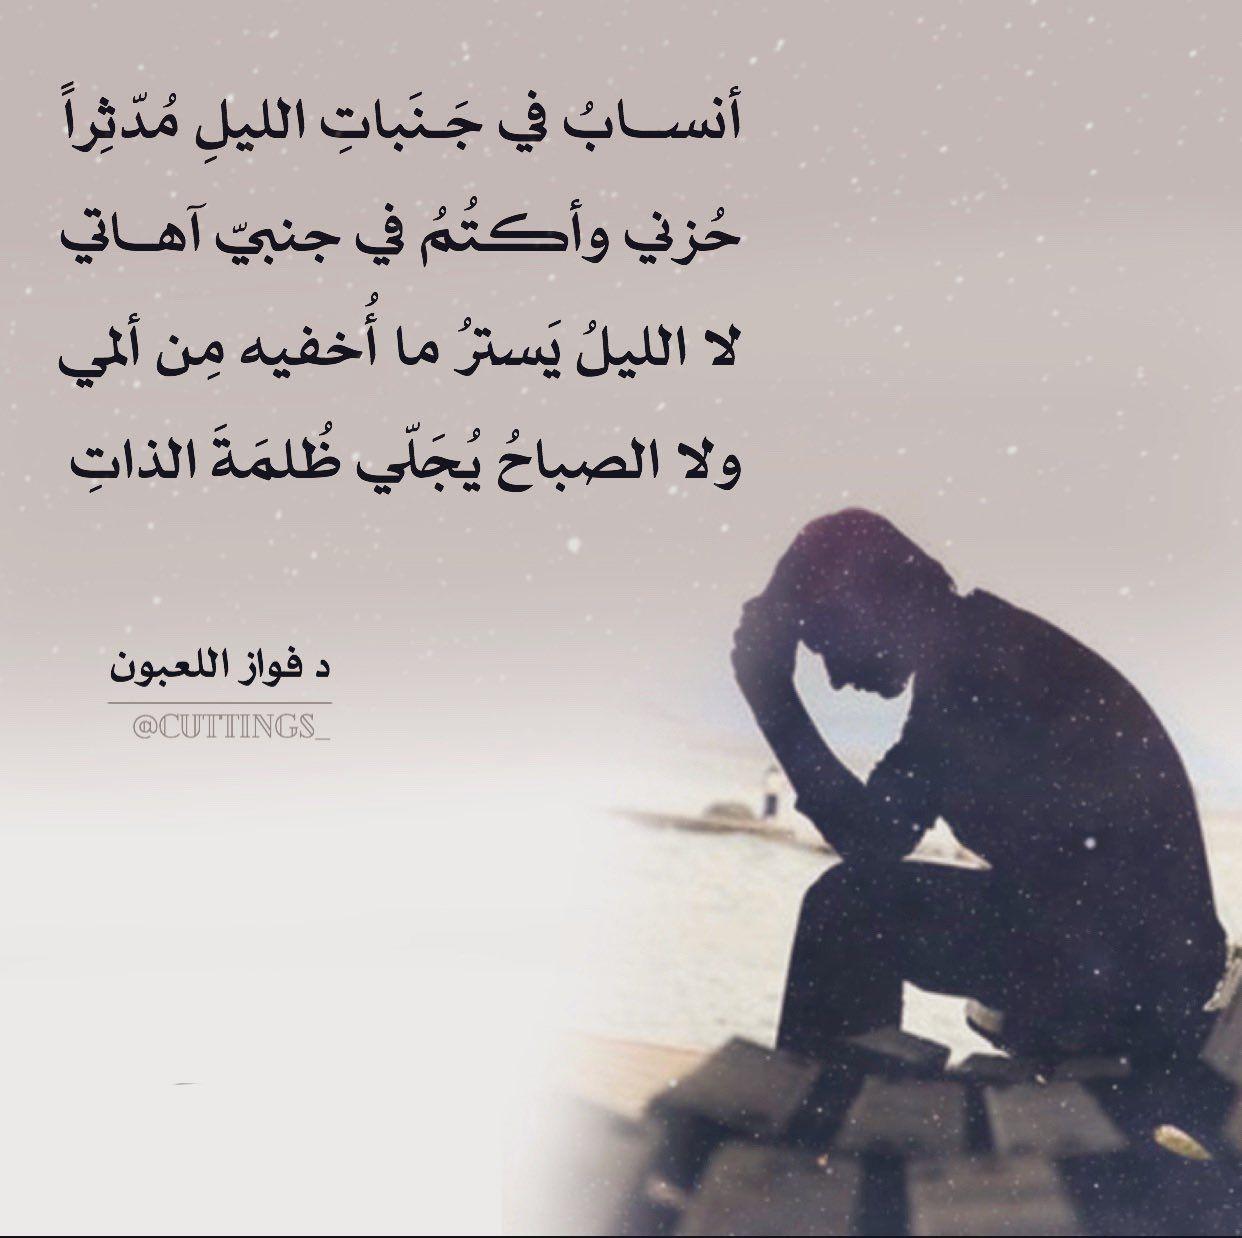 لا الليل ي ستر ما أ خفيه م ن ألمي ولا الصباح ي ج ل ي ظ لم ة الذات Arabic Love Quotes Quotes Love Quotes